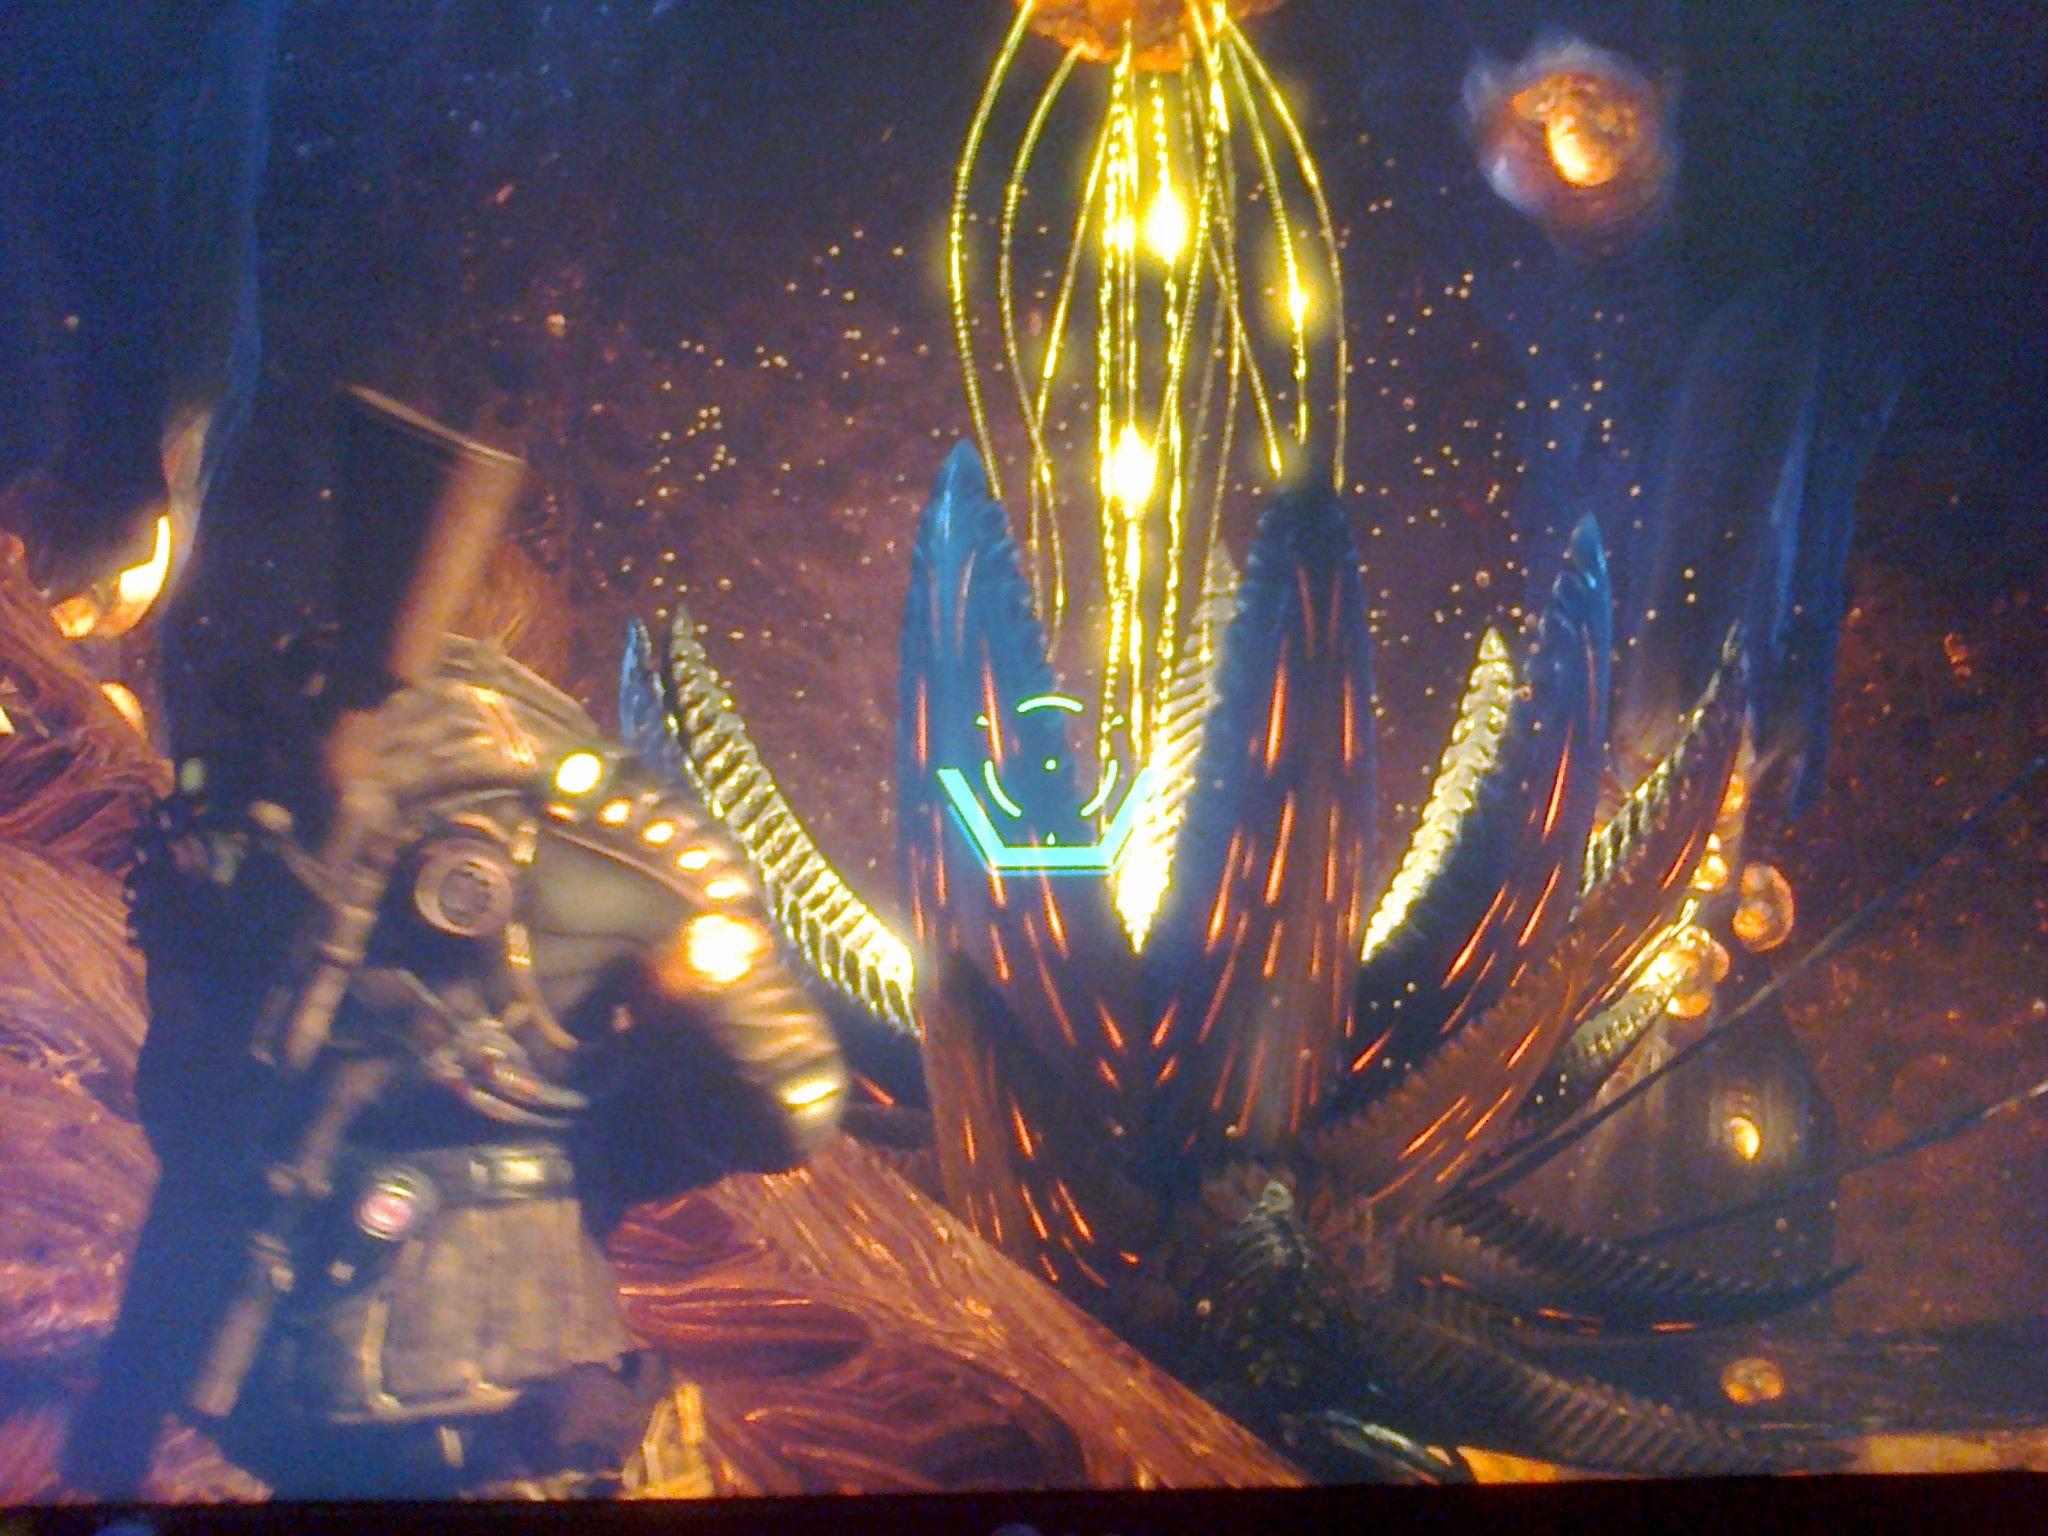 Хай ребята! На днях тут прошёл свежие релизы такие как, Xcom. Бюро, Lost Planet 3, Castlevania: Lords of Shadow. Что ... - Изображение 1